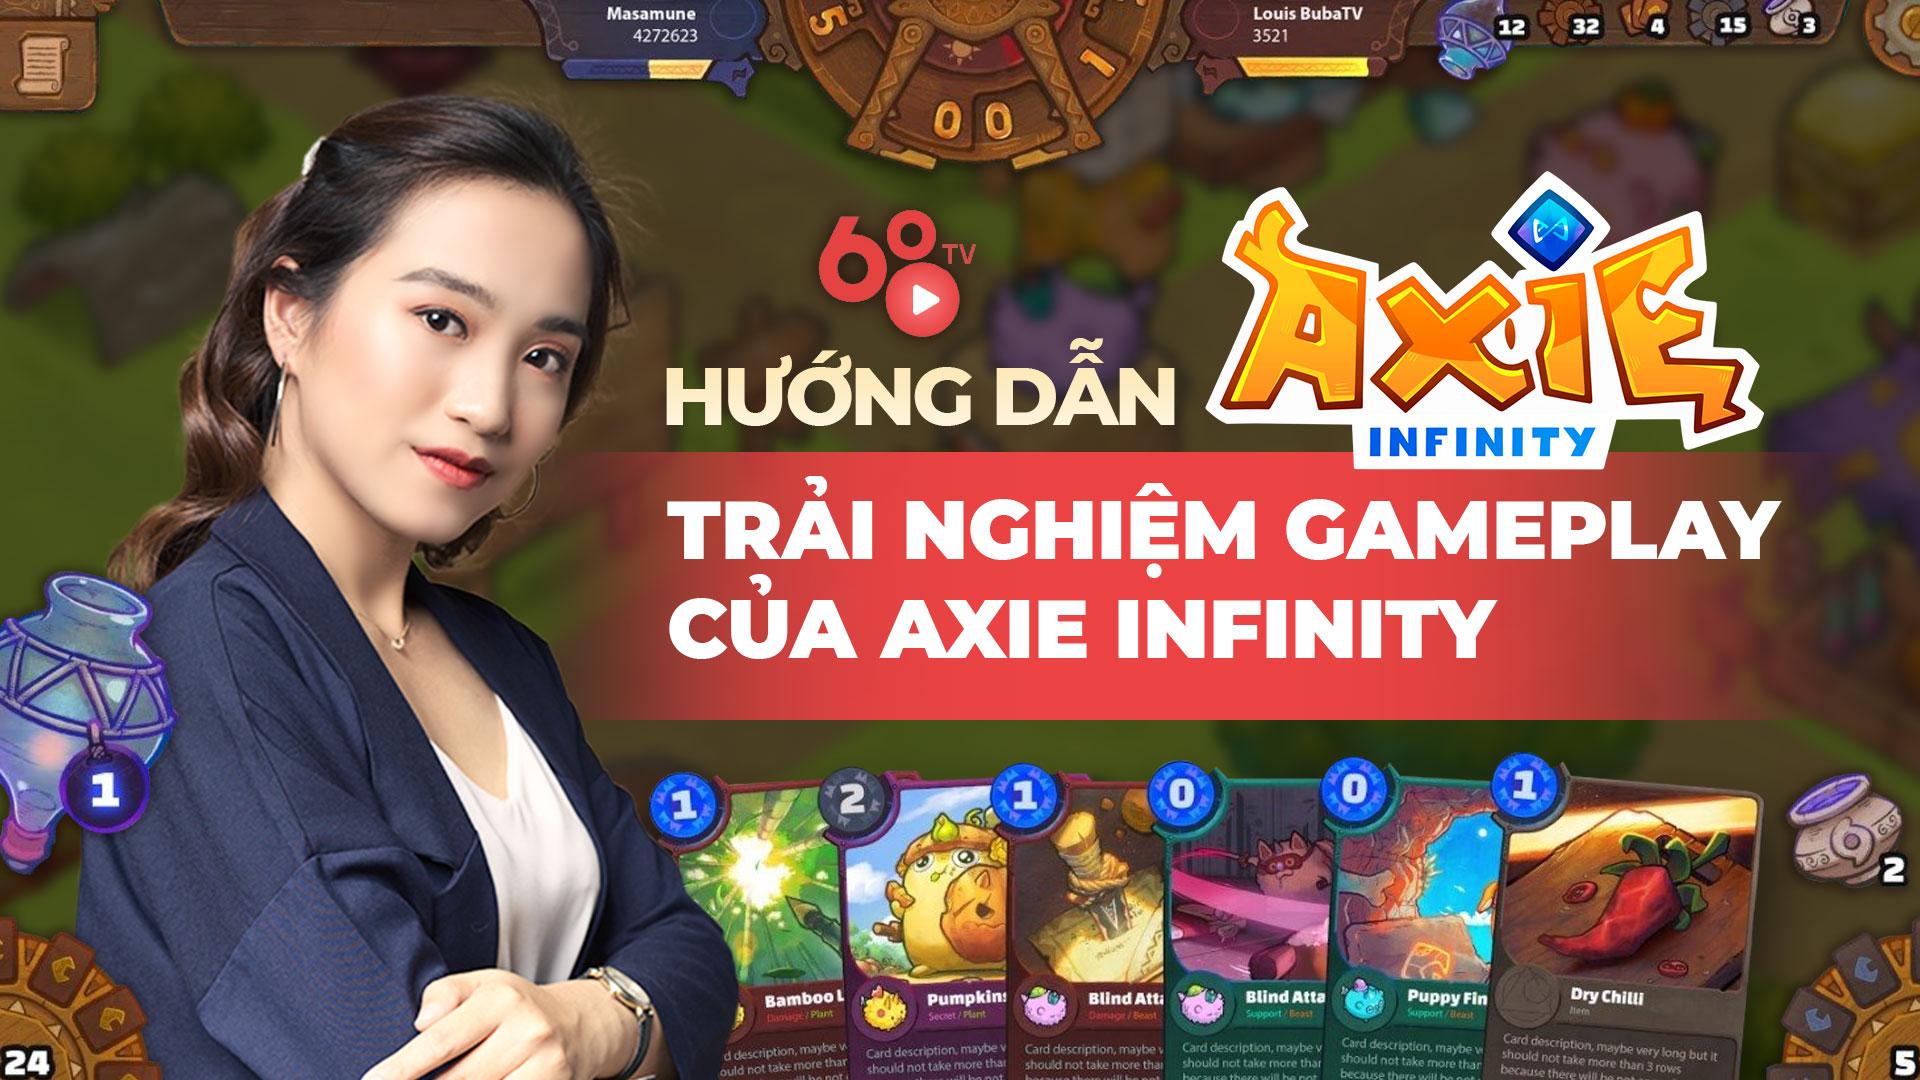 Trải nghiệm gameplay của Axie Infinity – Kinh nghiệm đánh PvP và PvE Axie hiệu quả